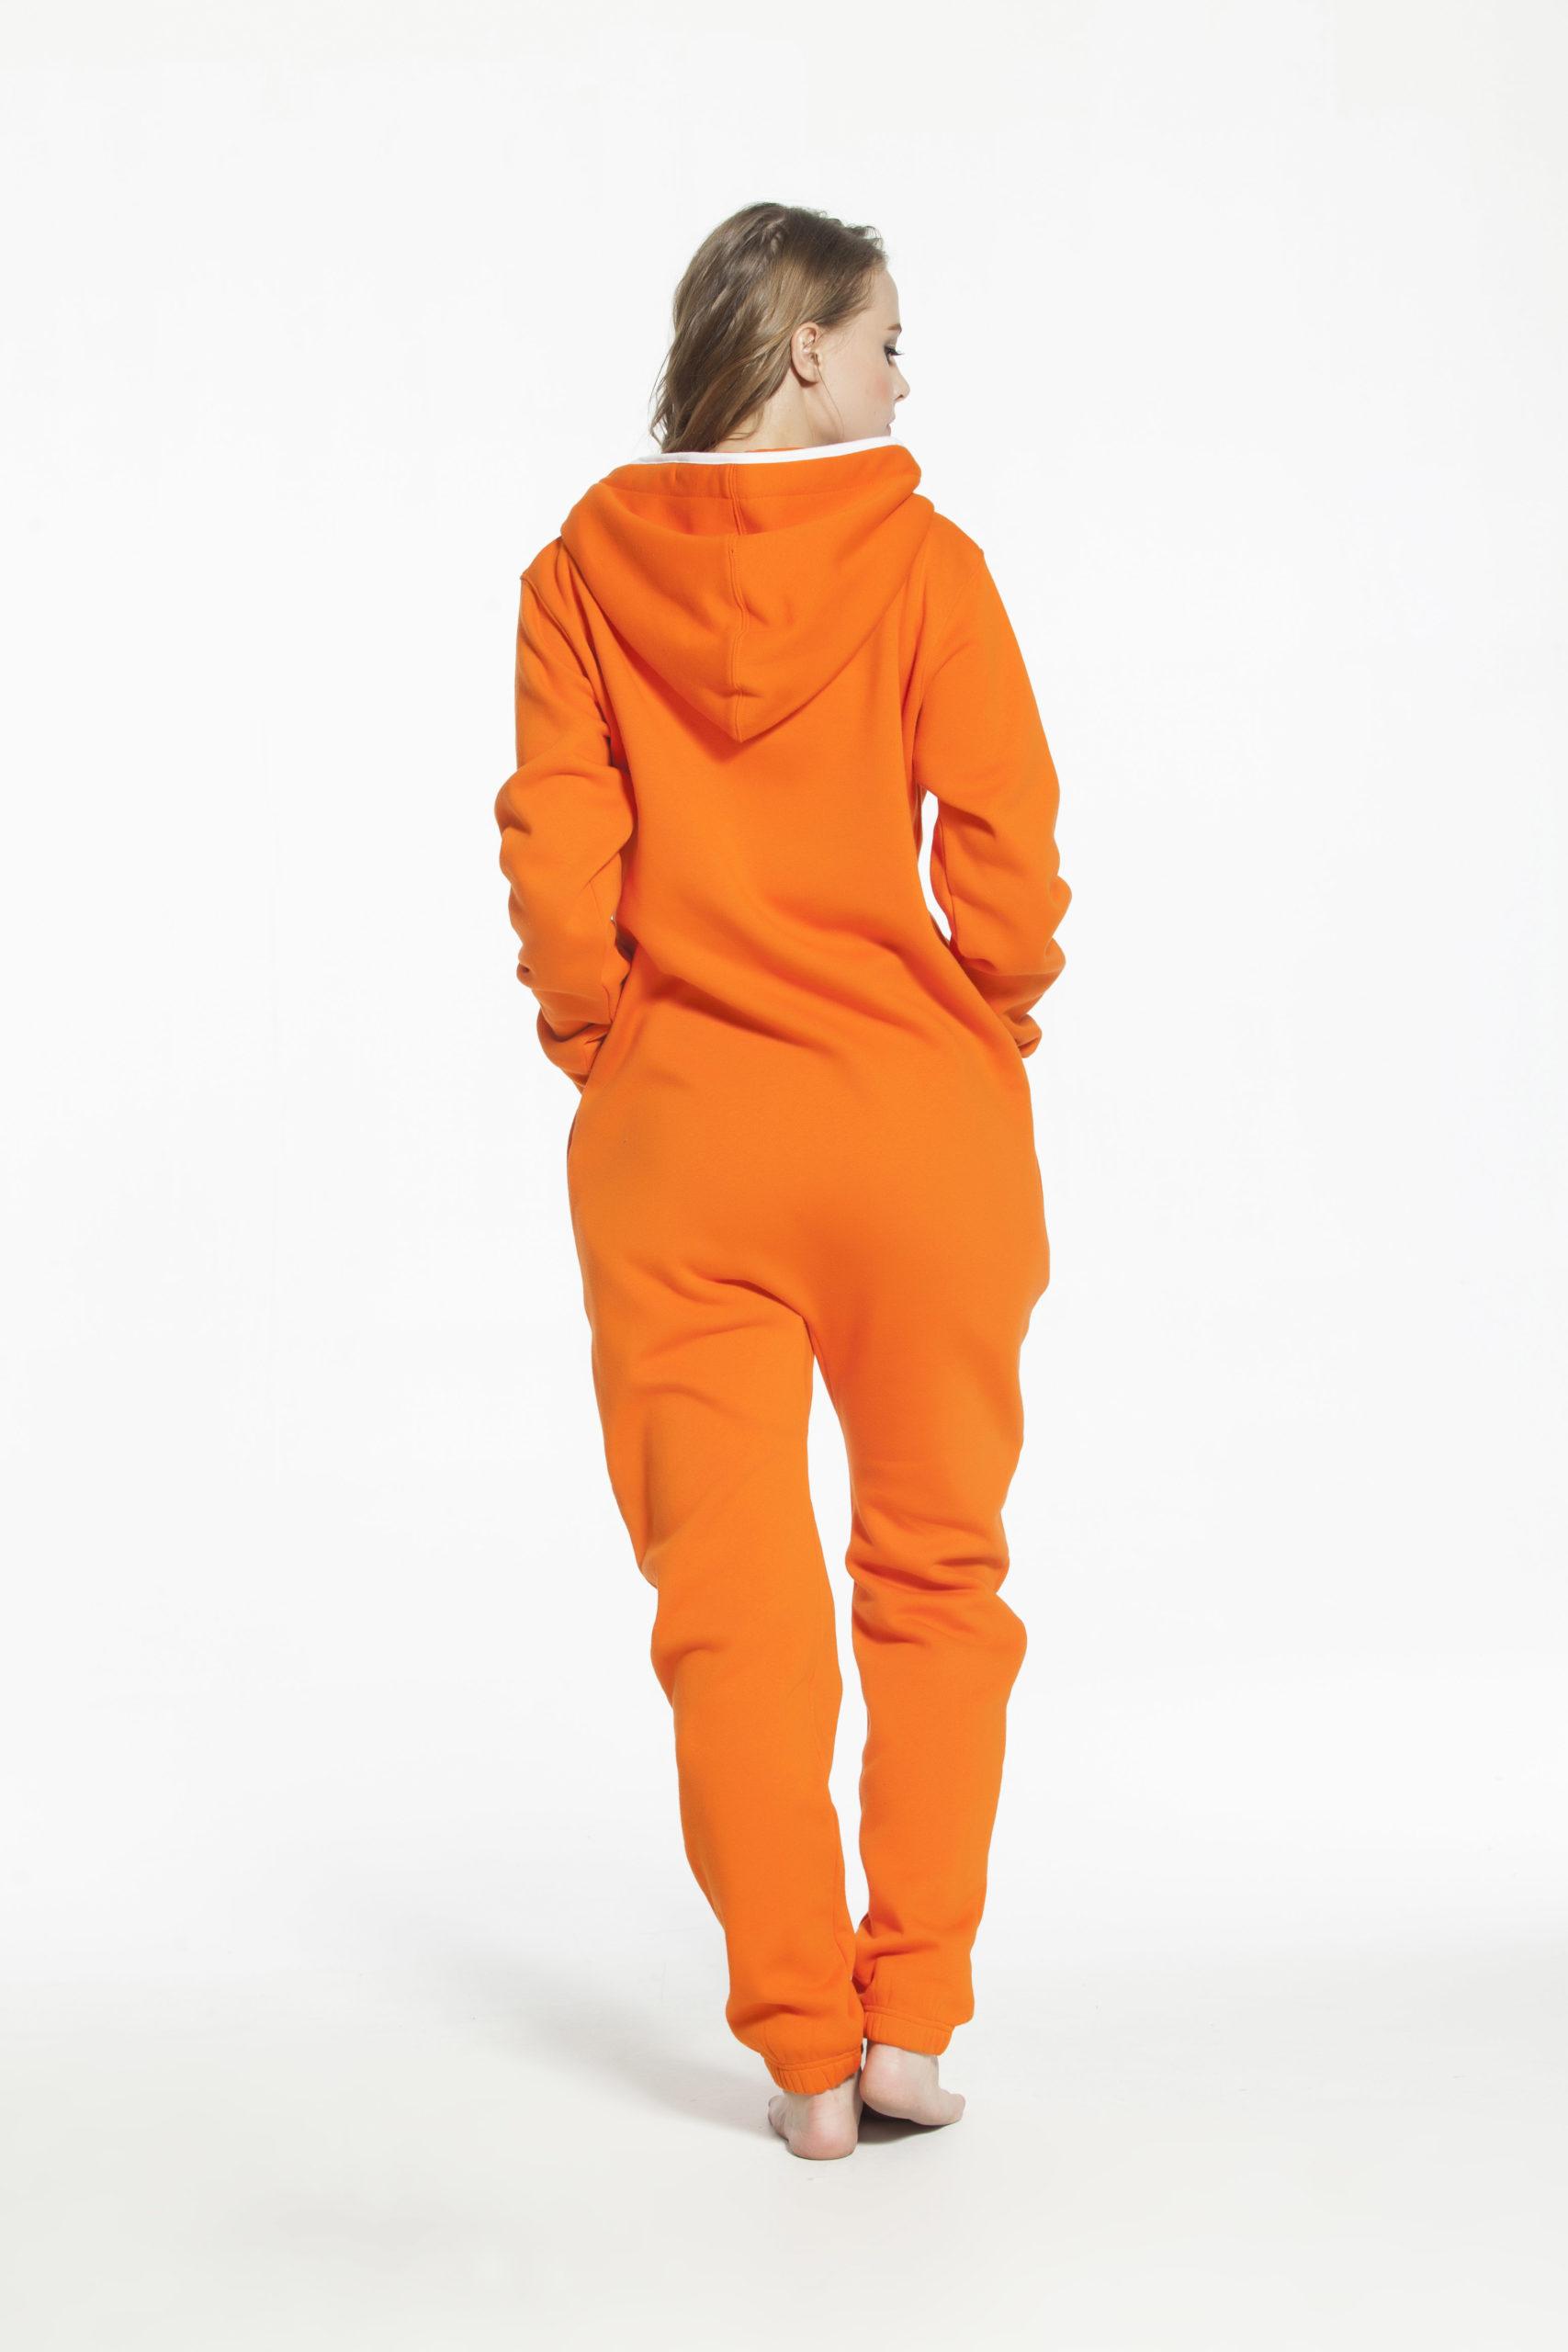 Комбинезон оранжевый Onesie Original WOC12 (1)